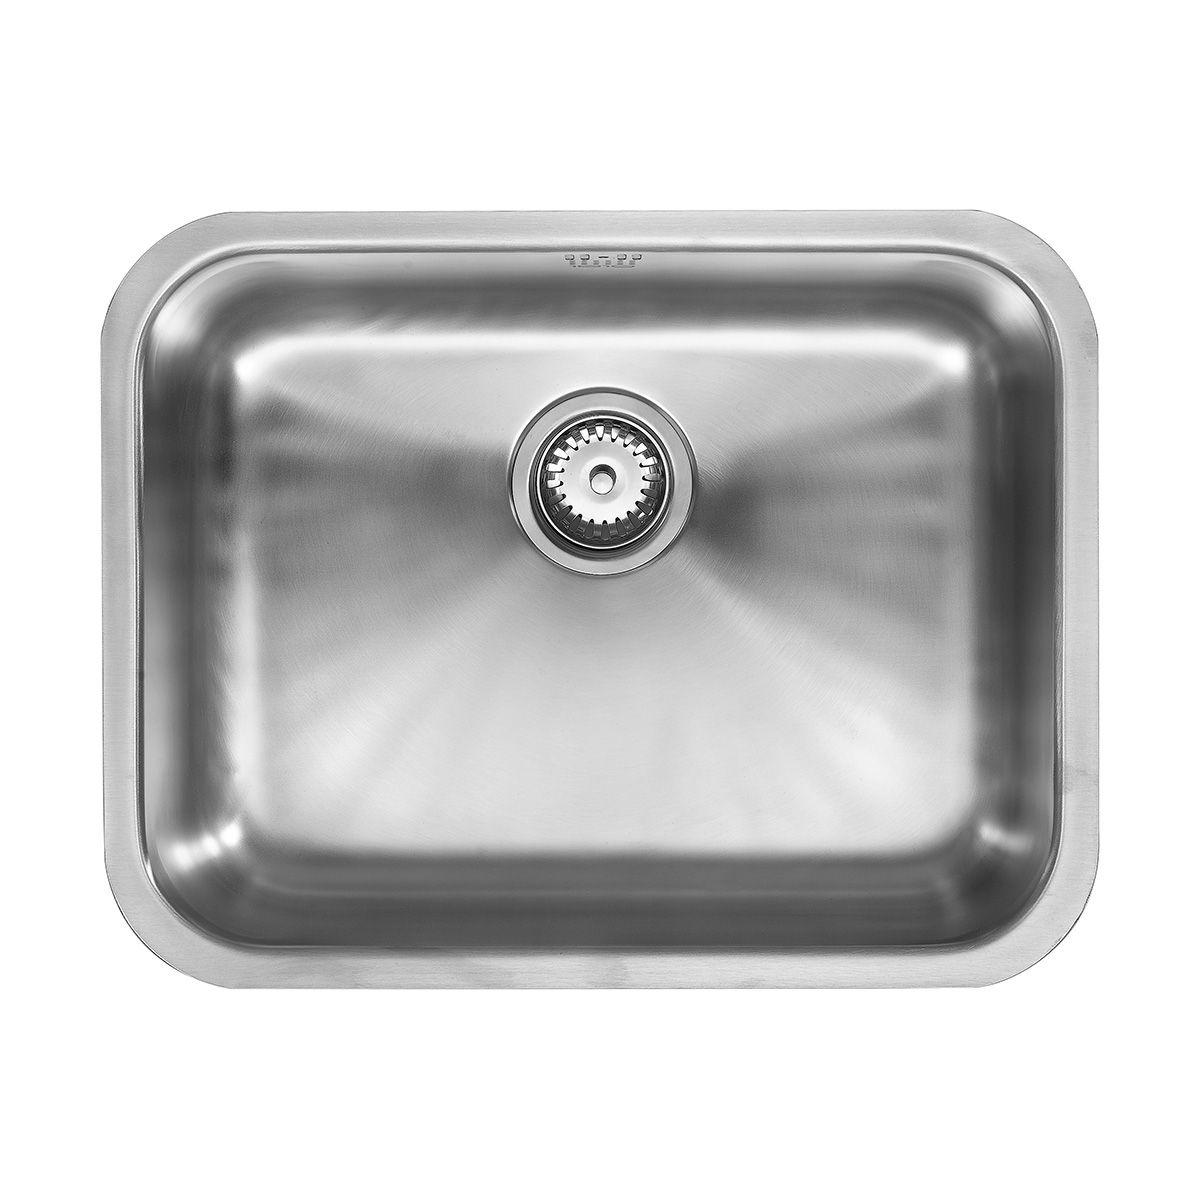 1810 Company ETROUNO 550U Kitchen Sink - Sinks-Taps.com